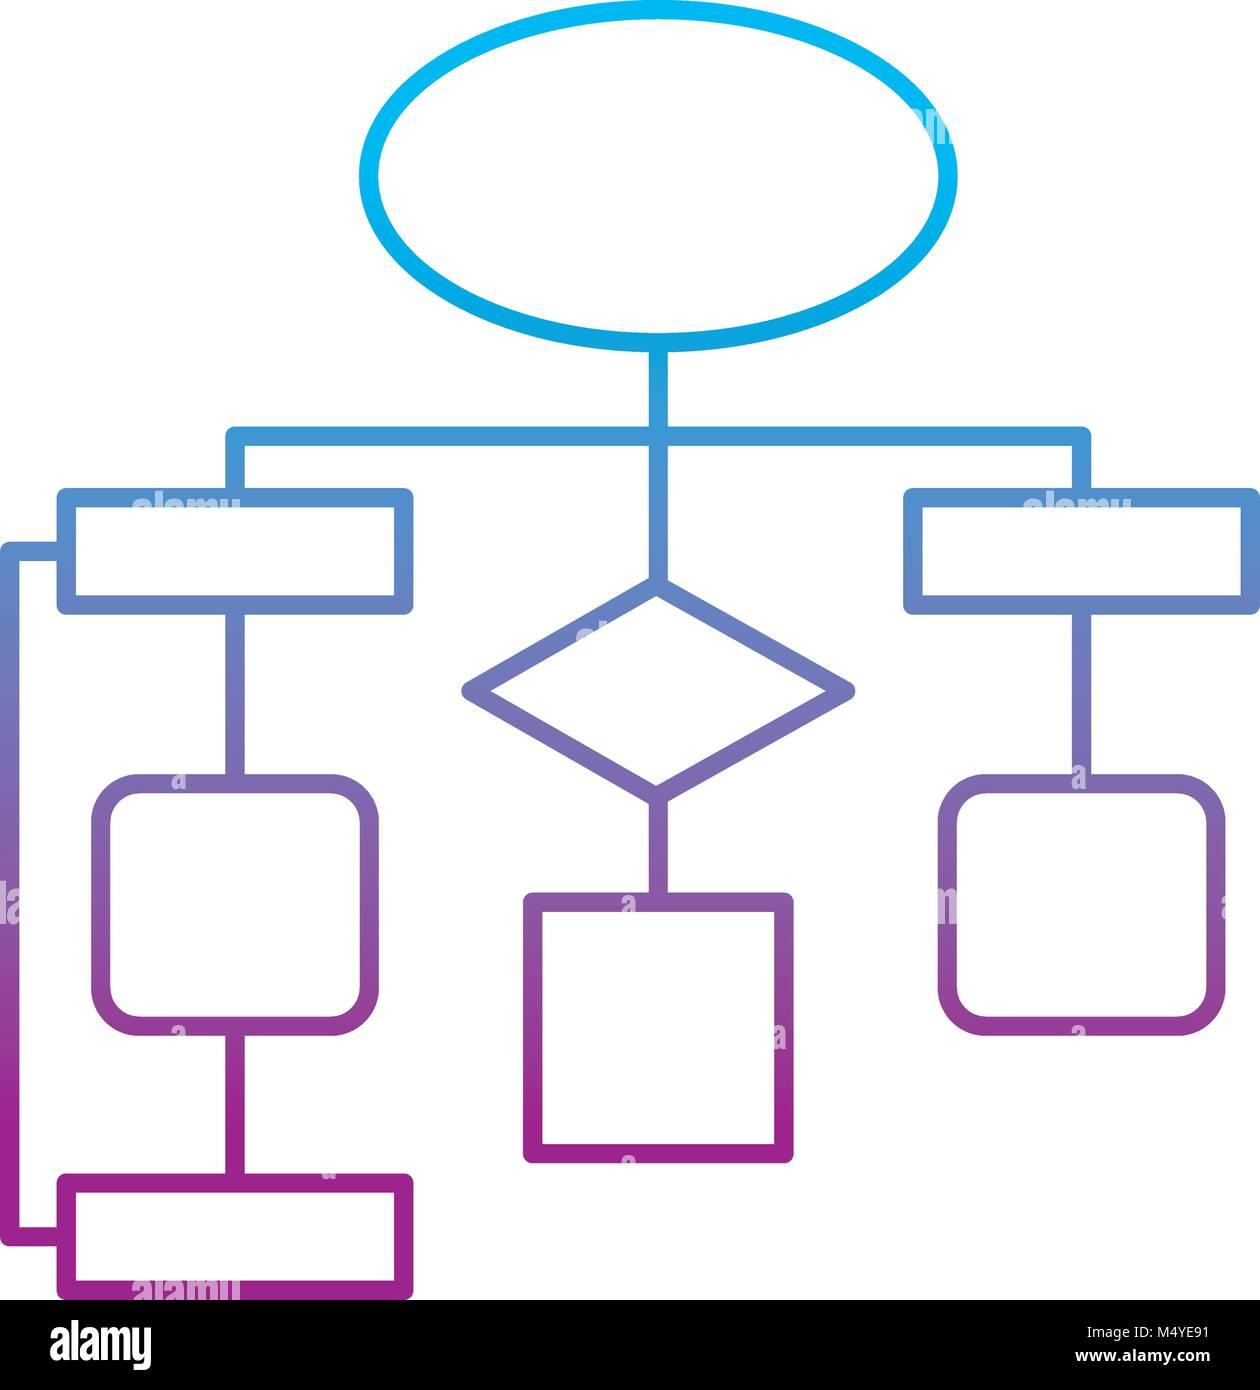 Diagrama de flujo diagrama de conexin vaco ilustracin del vector diagrama de flujo diagrama de conexin vaco ccuart Images